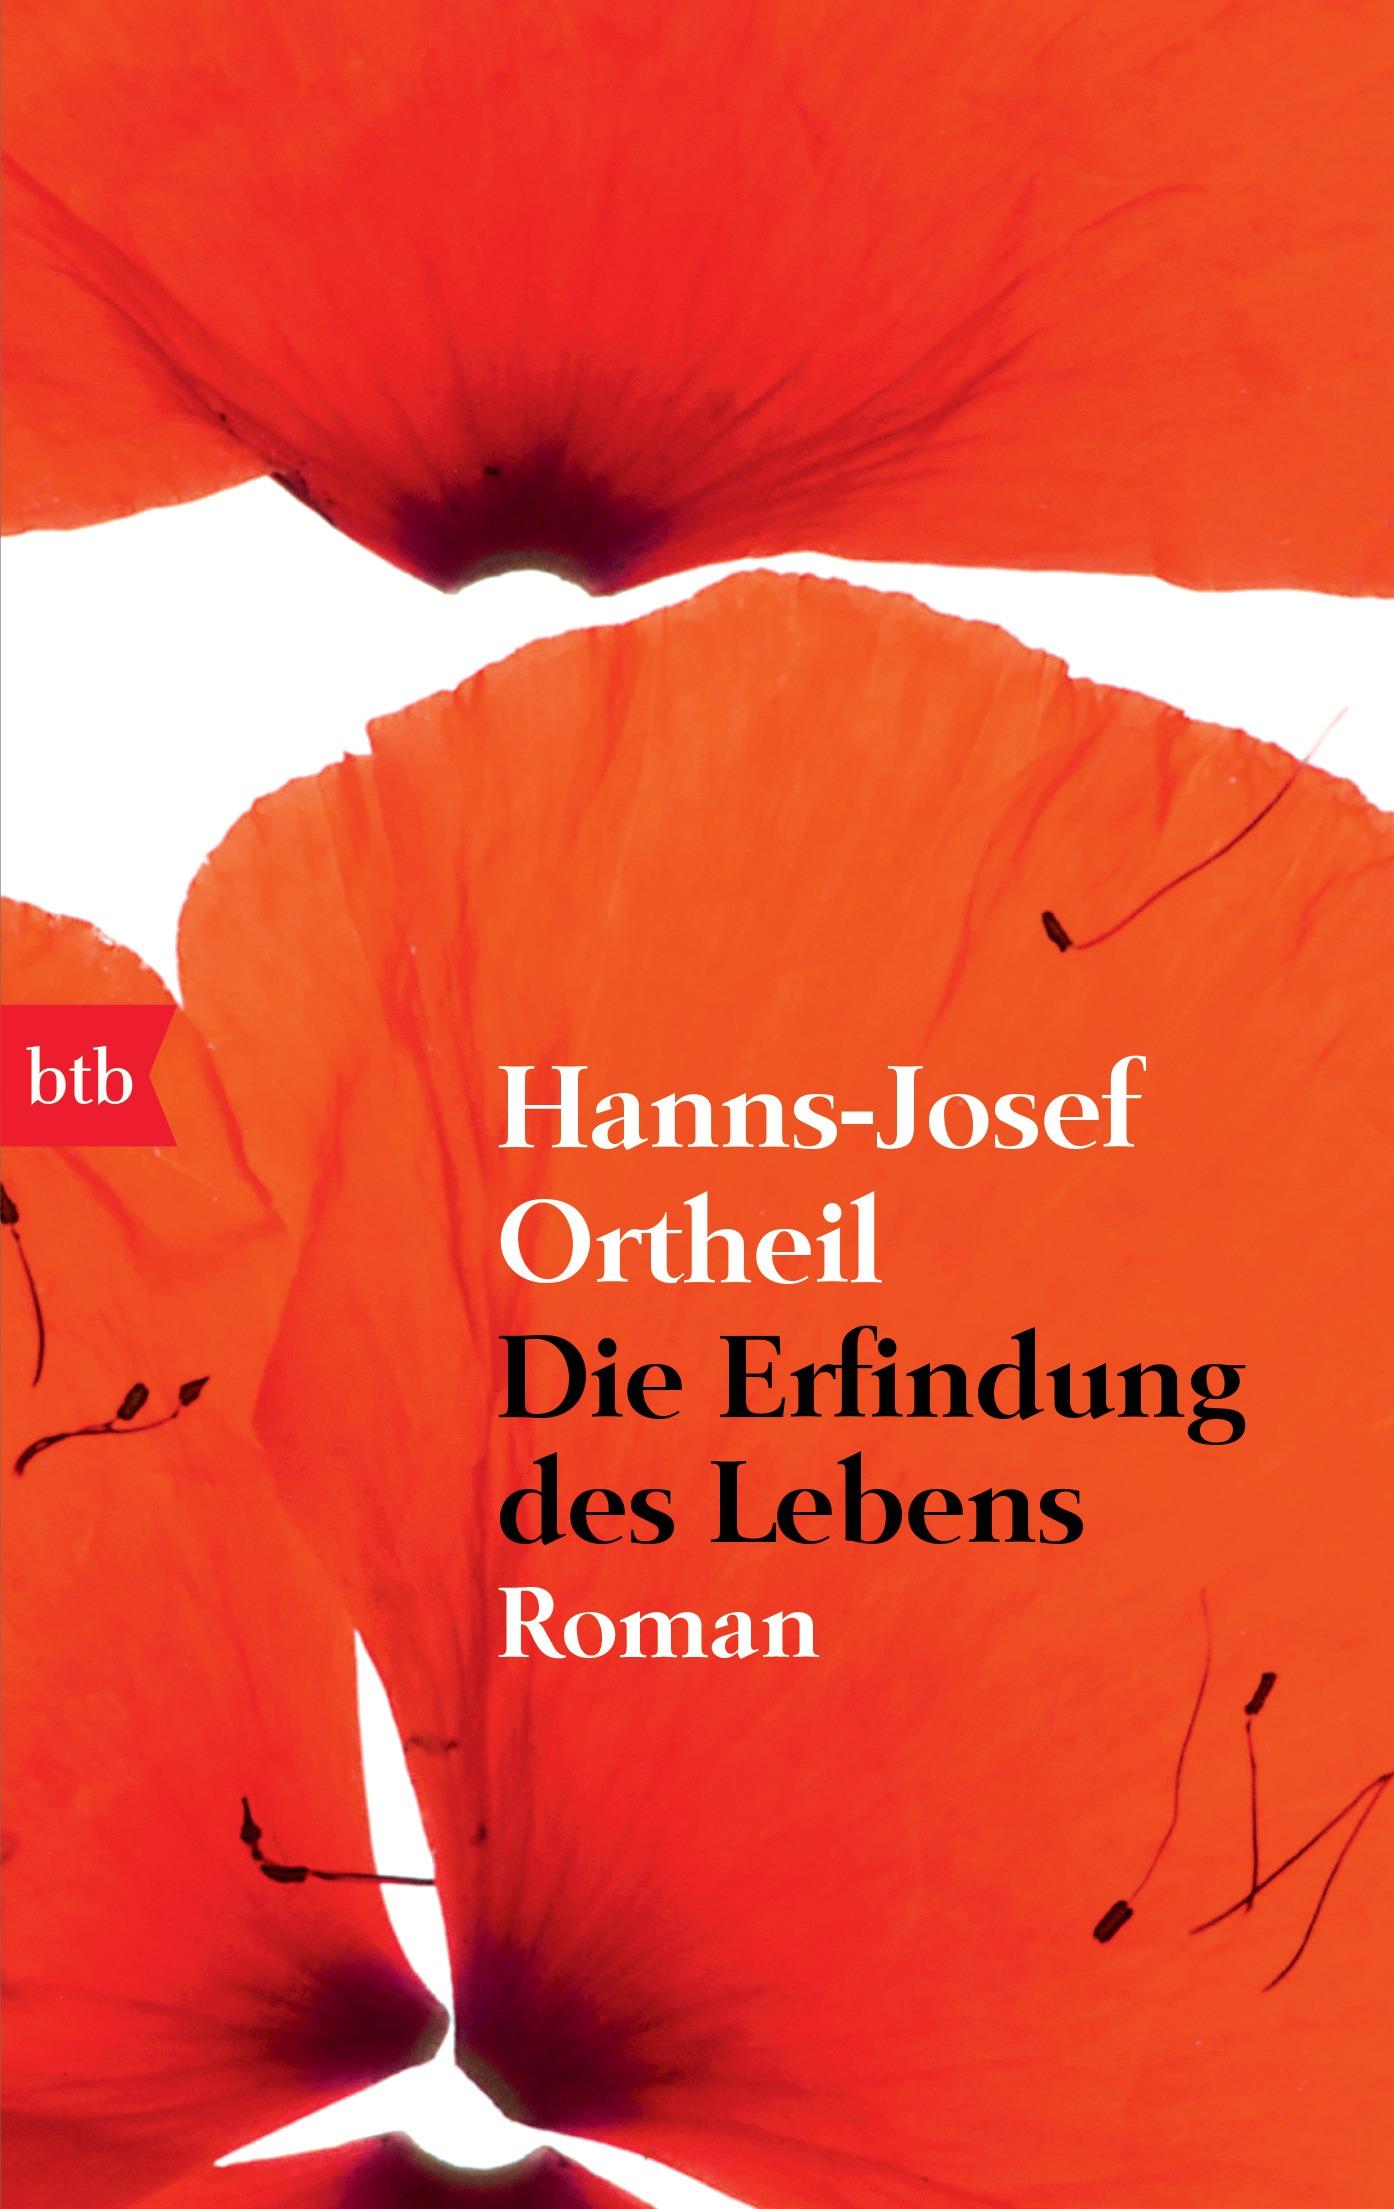 Die Erfindung des Lebens: Roman - Hanns-Josef Ortheil